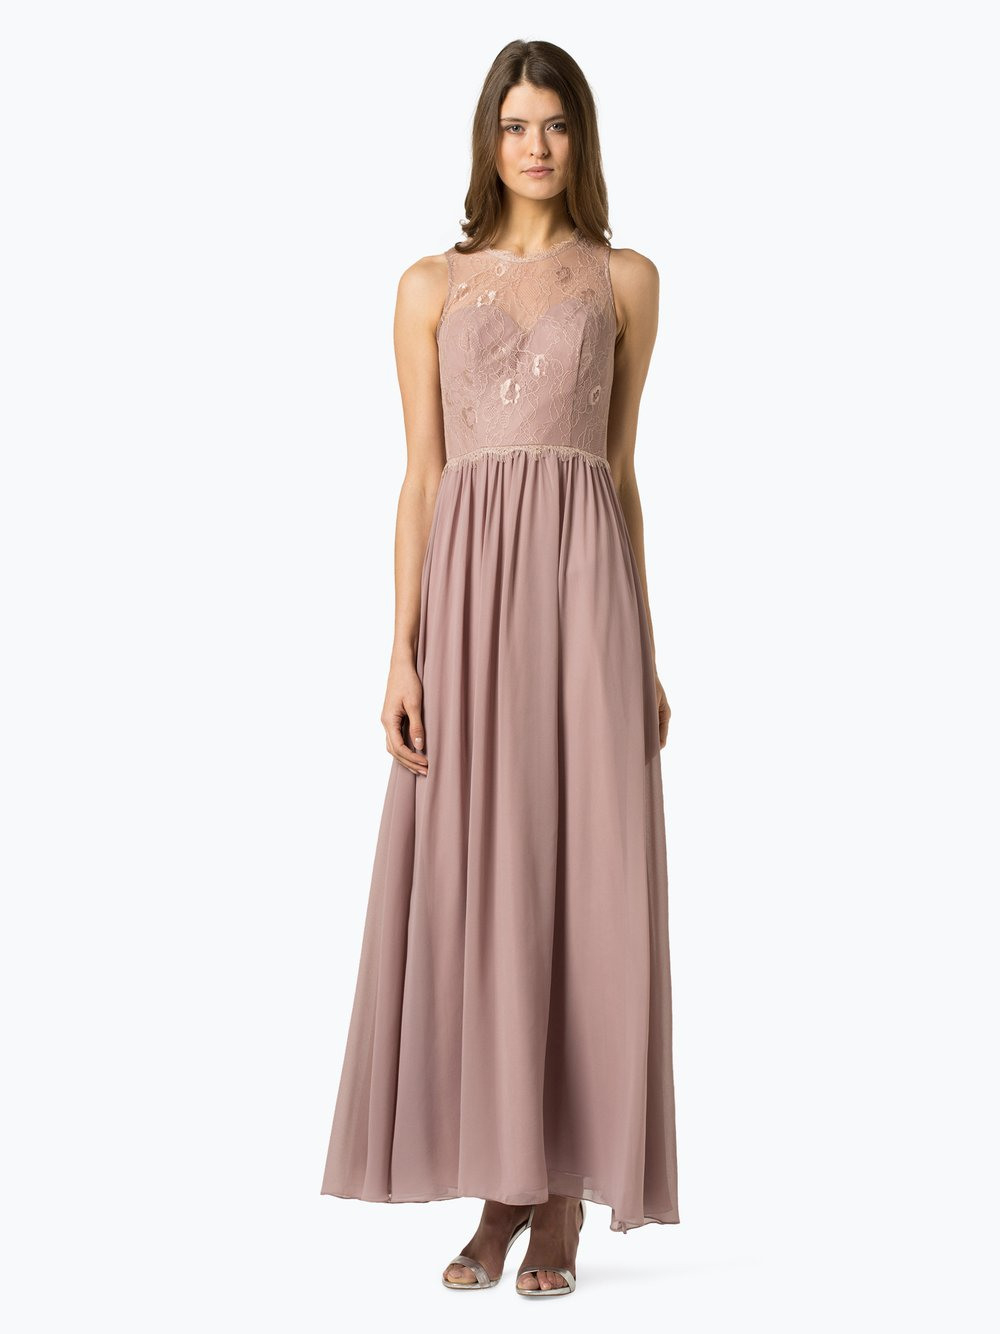 10 Top Laona Abendkleid Stylish15 Erstaunlich Laona Abendkleid Galerie